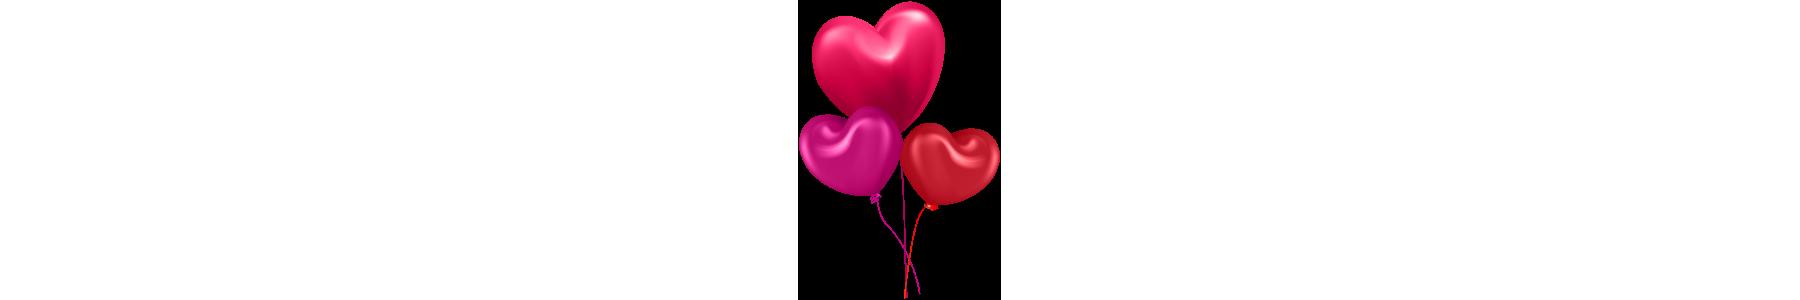 Articole party pentru Sf. Valentin